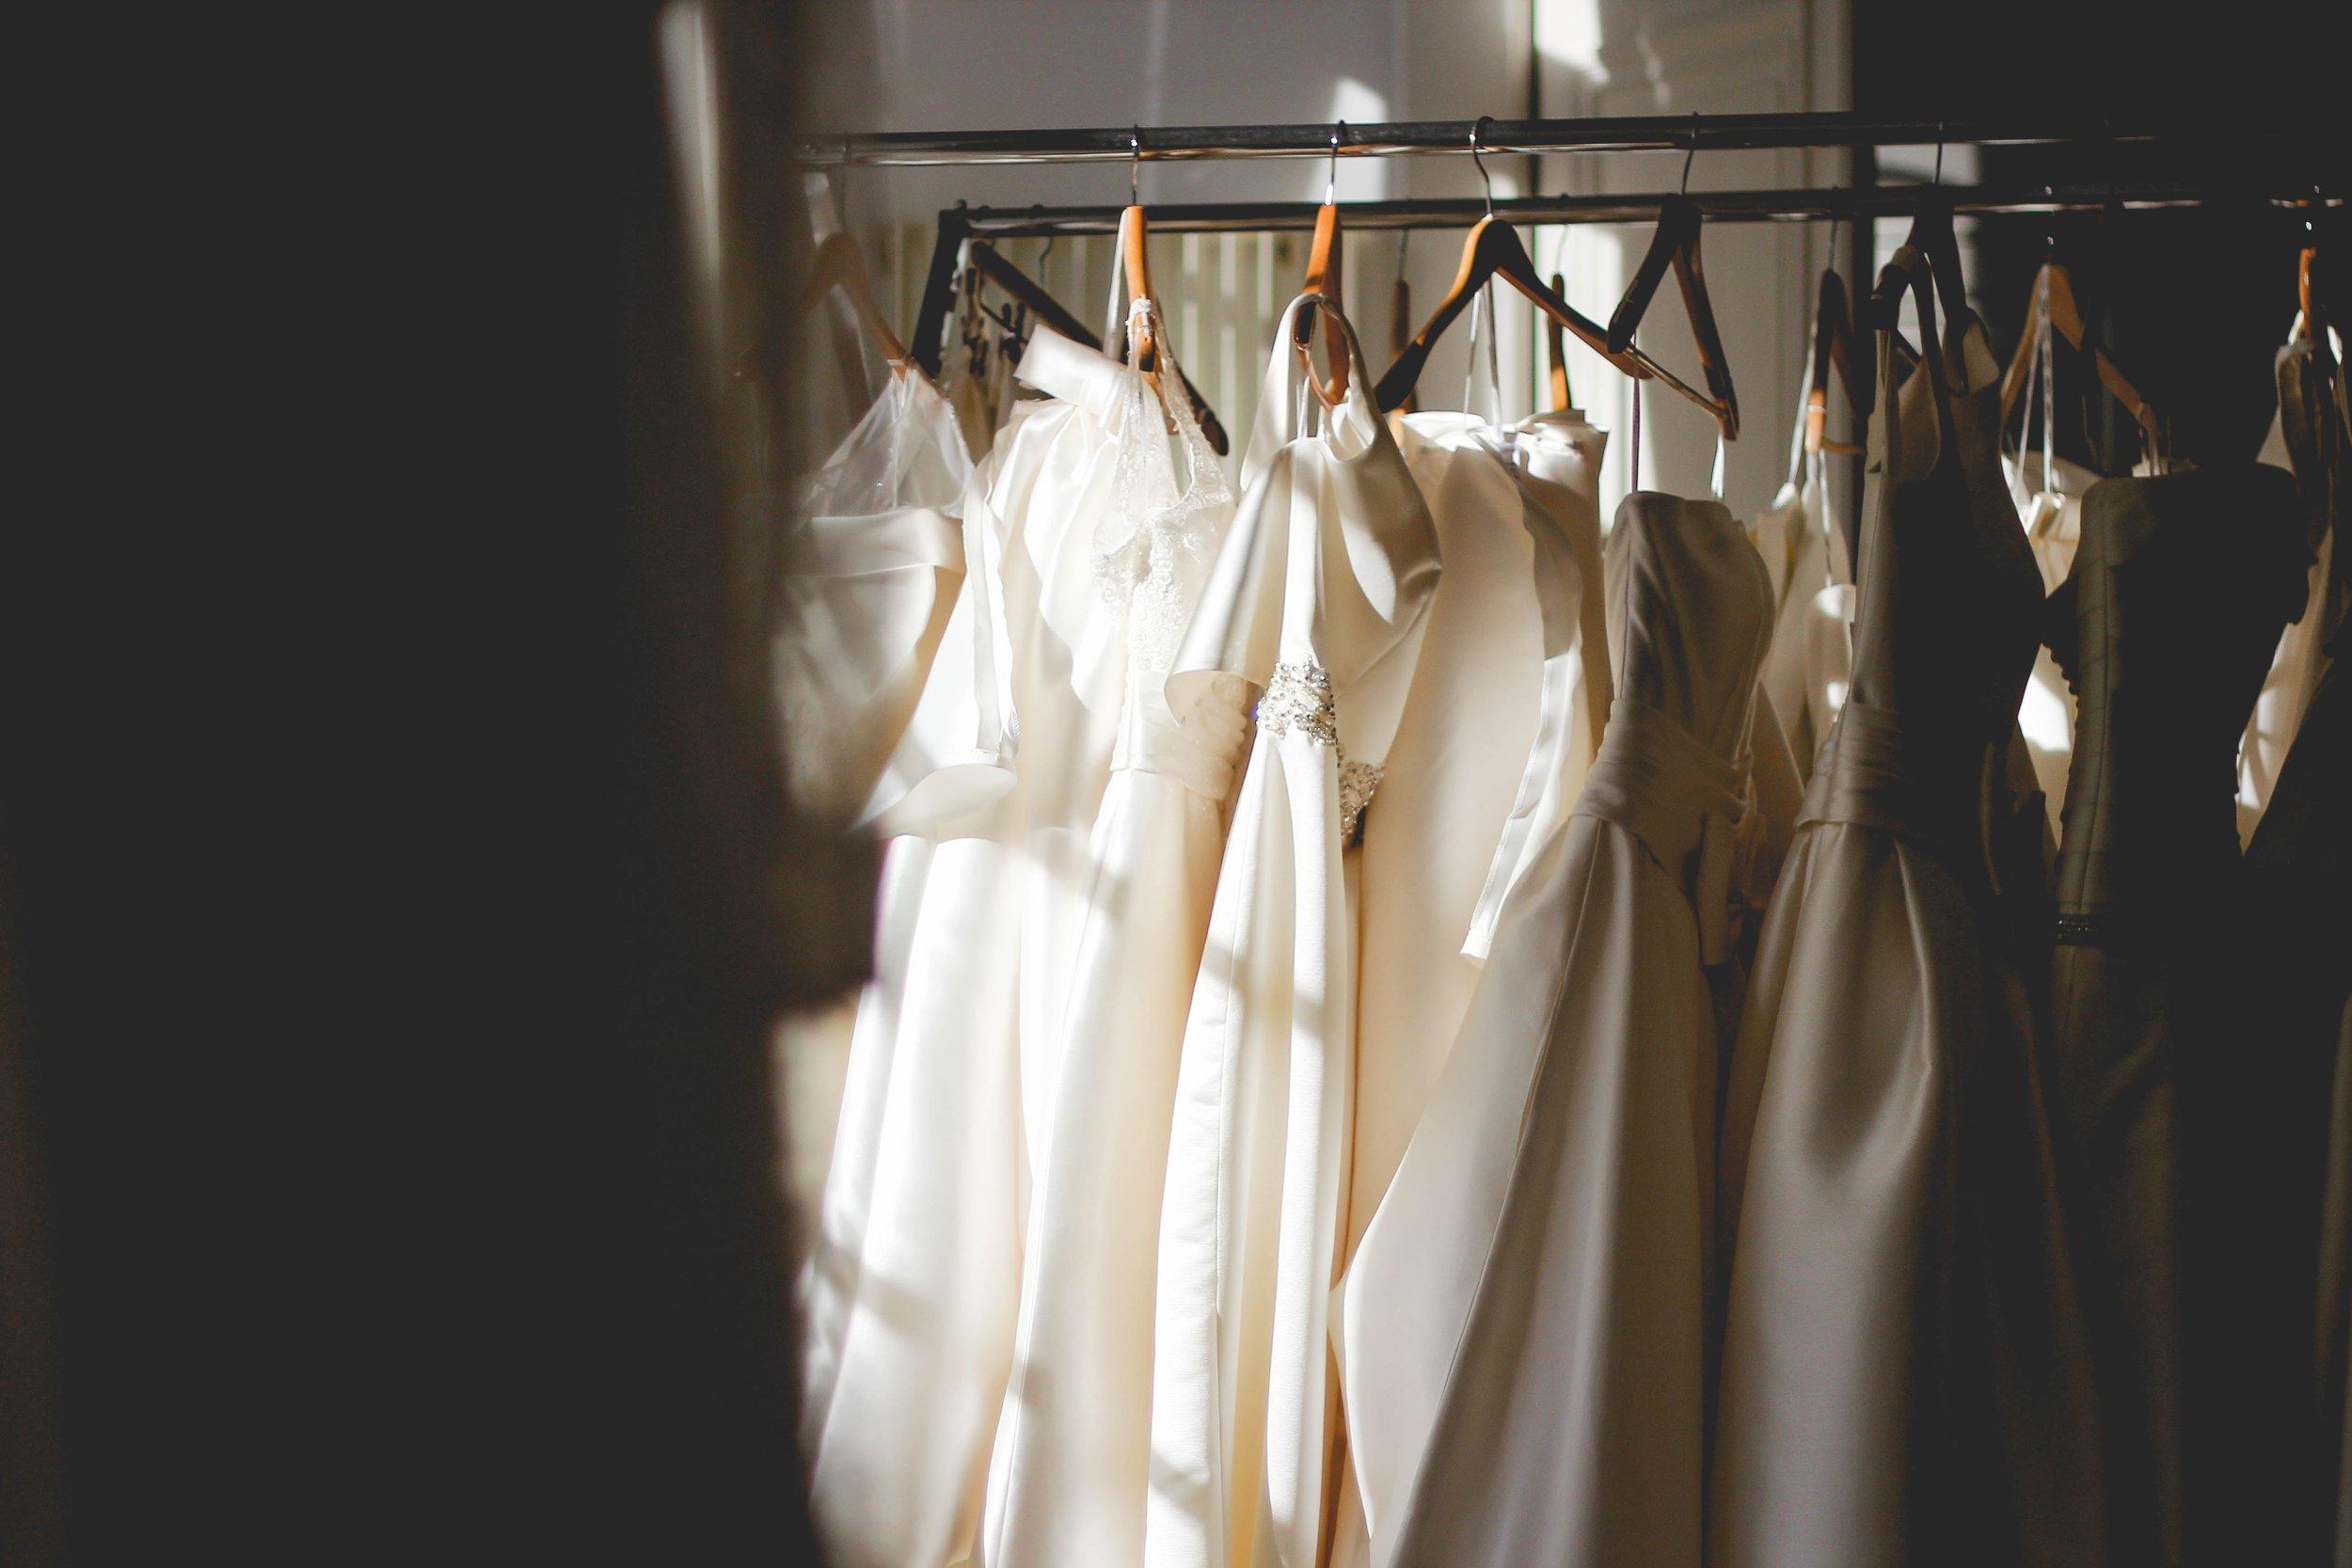 DH_Dresses.jpg